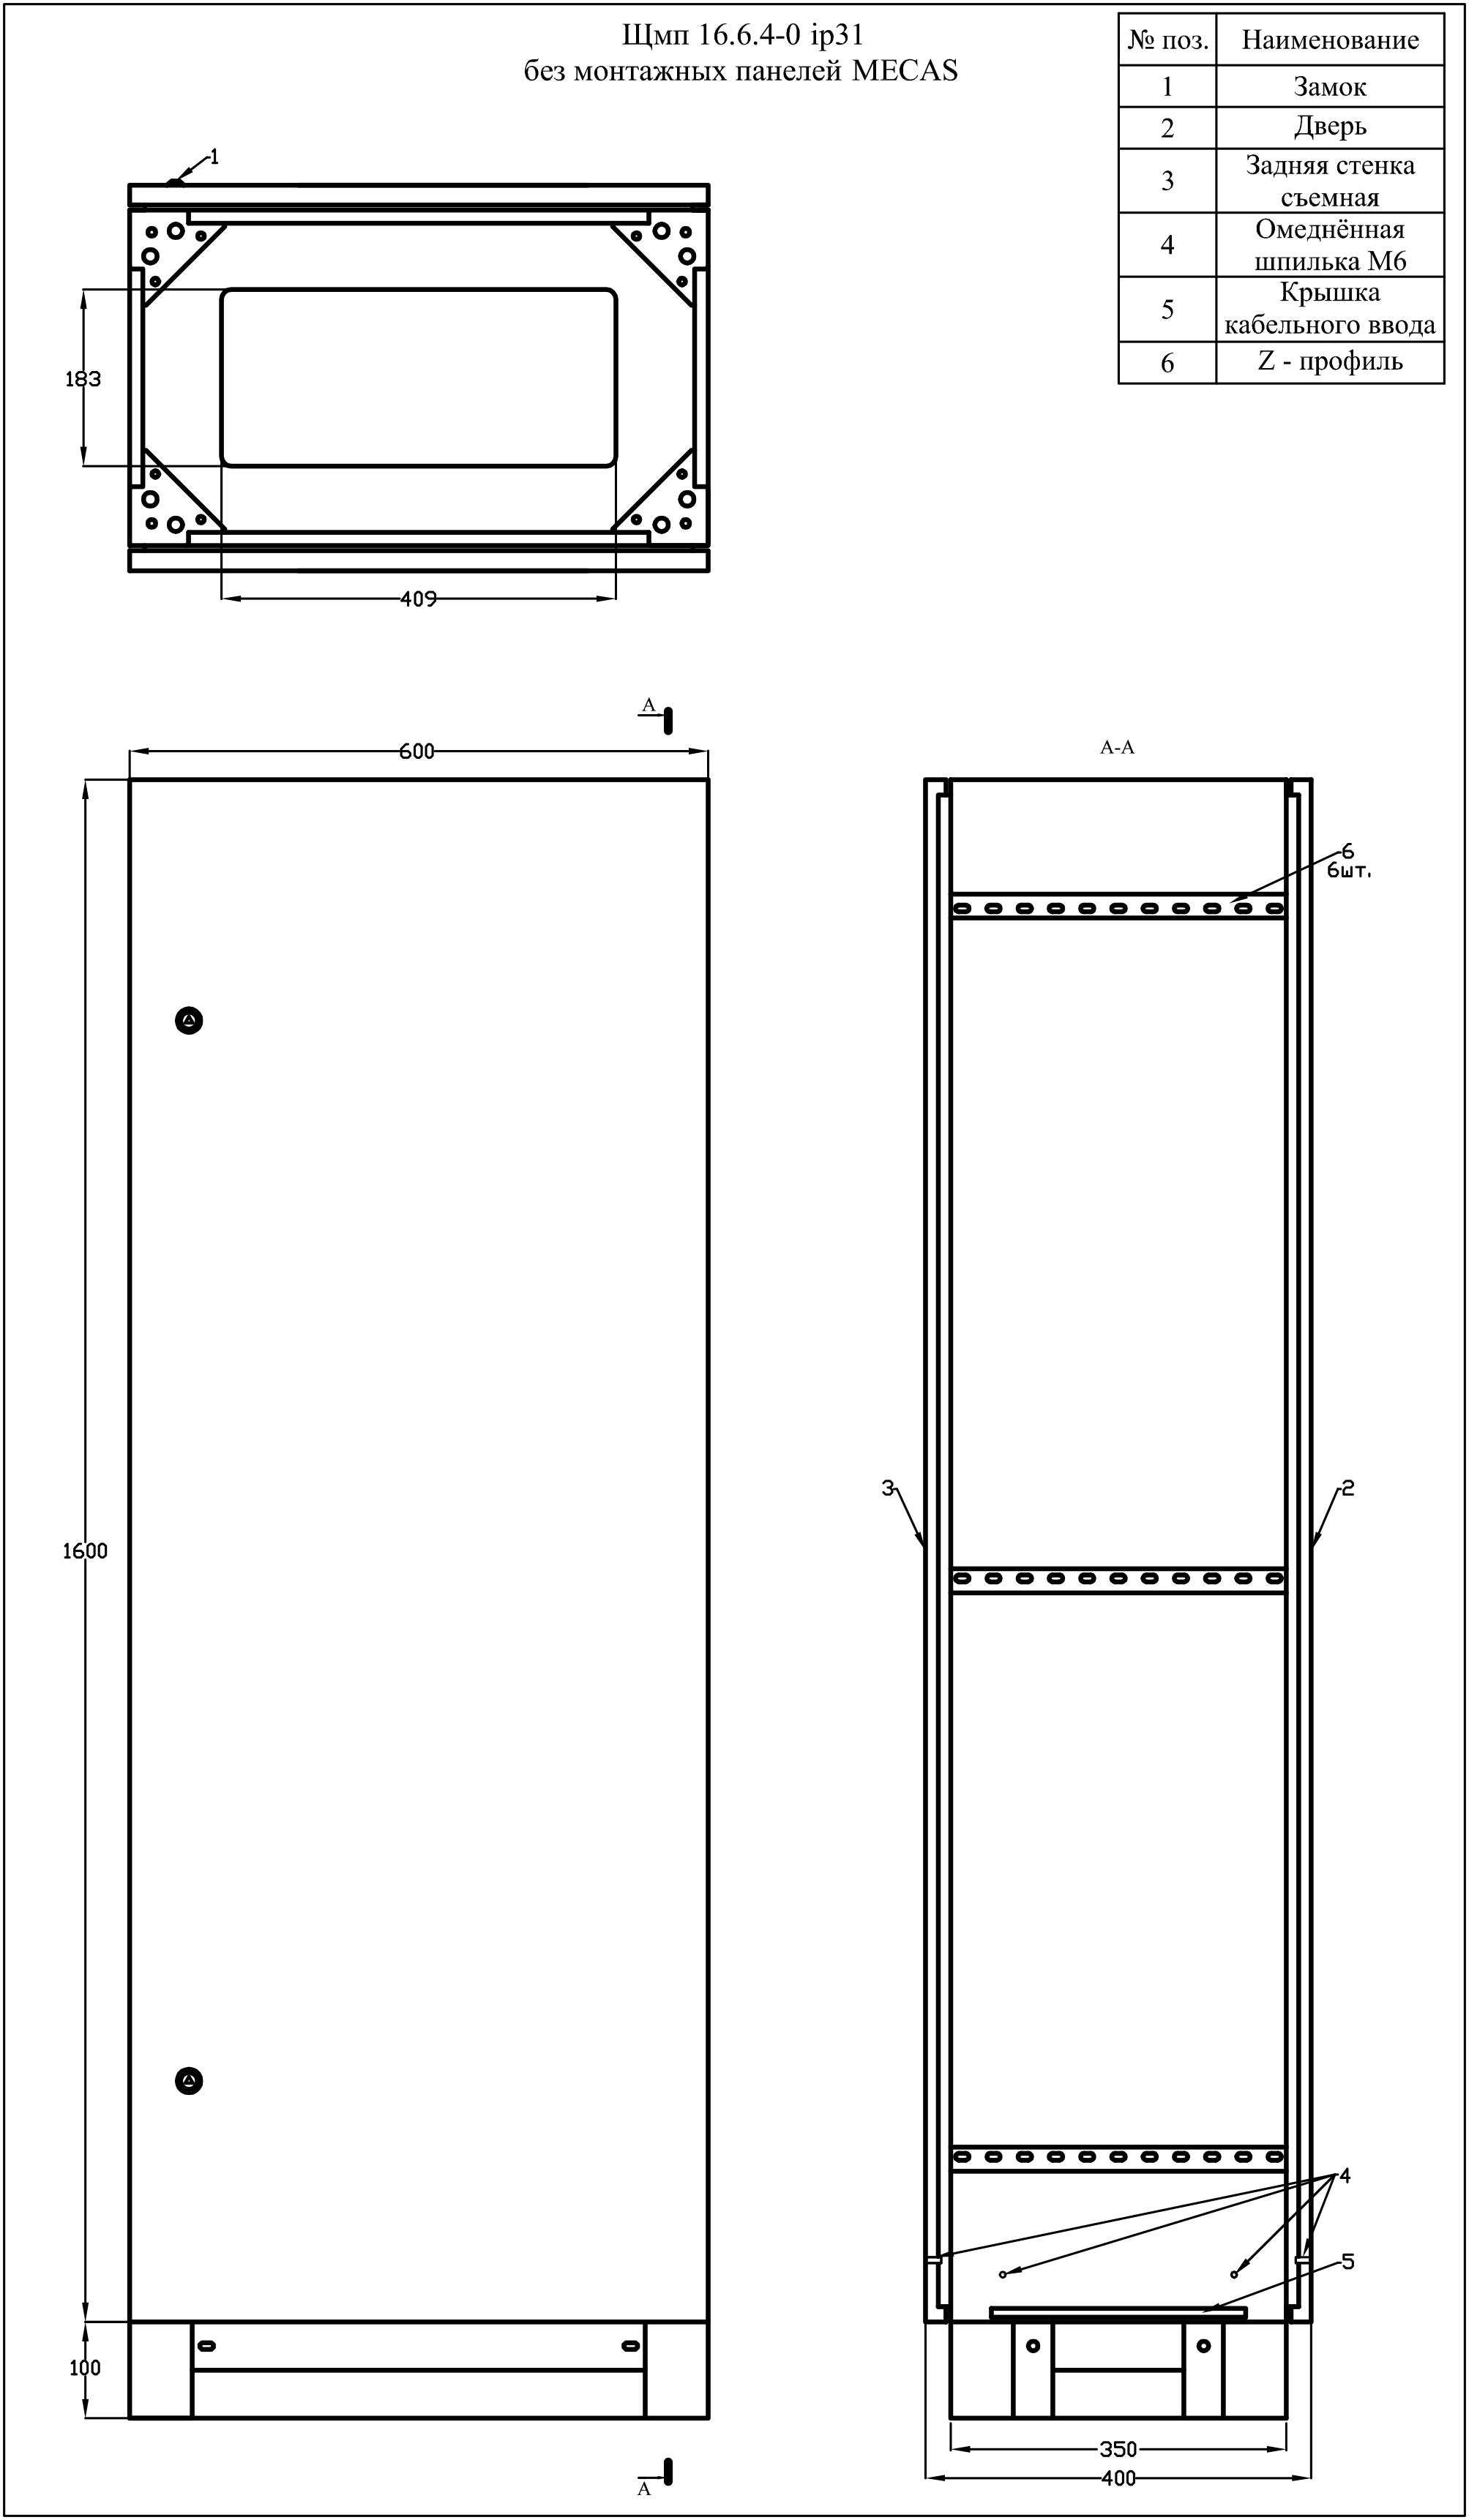 ЩМП-16.6.4-0 (1600х600х400) IP31 без монтажных панелей MECAS